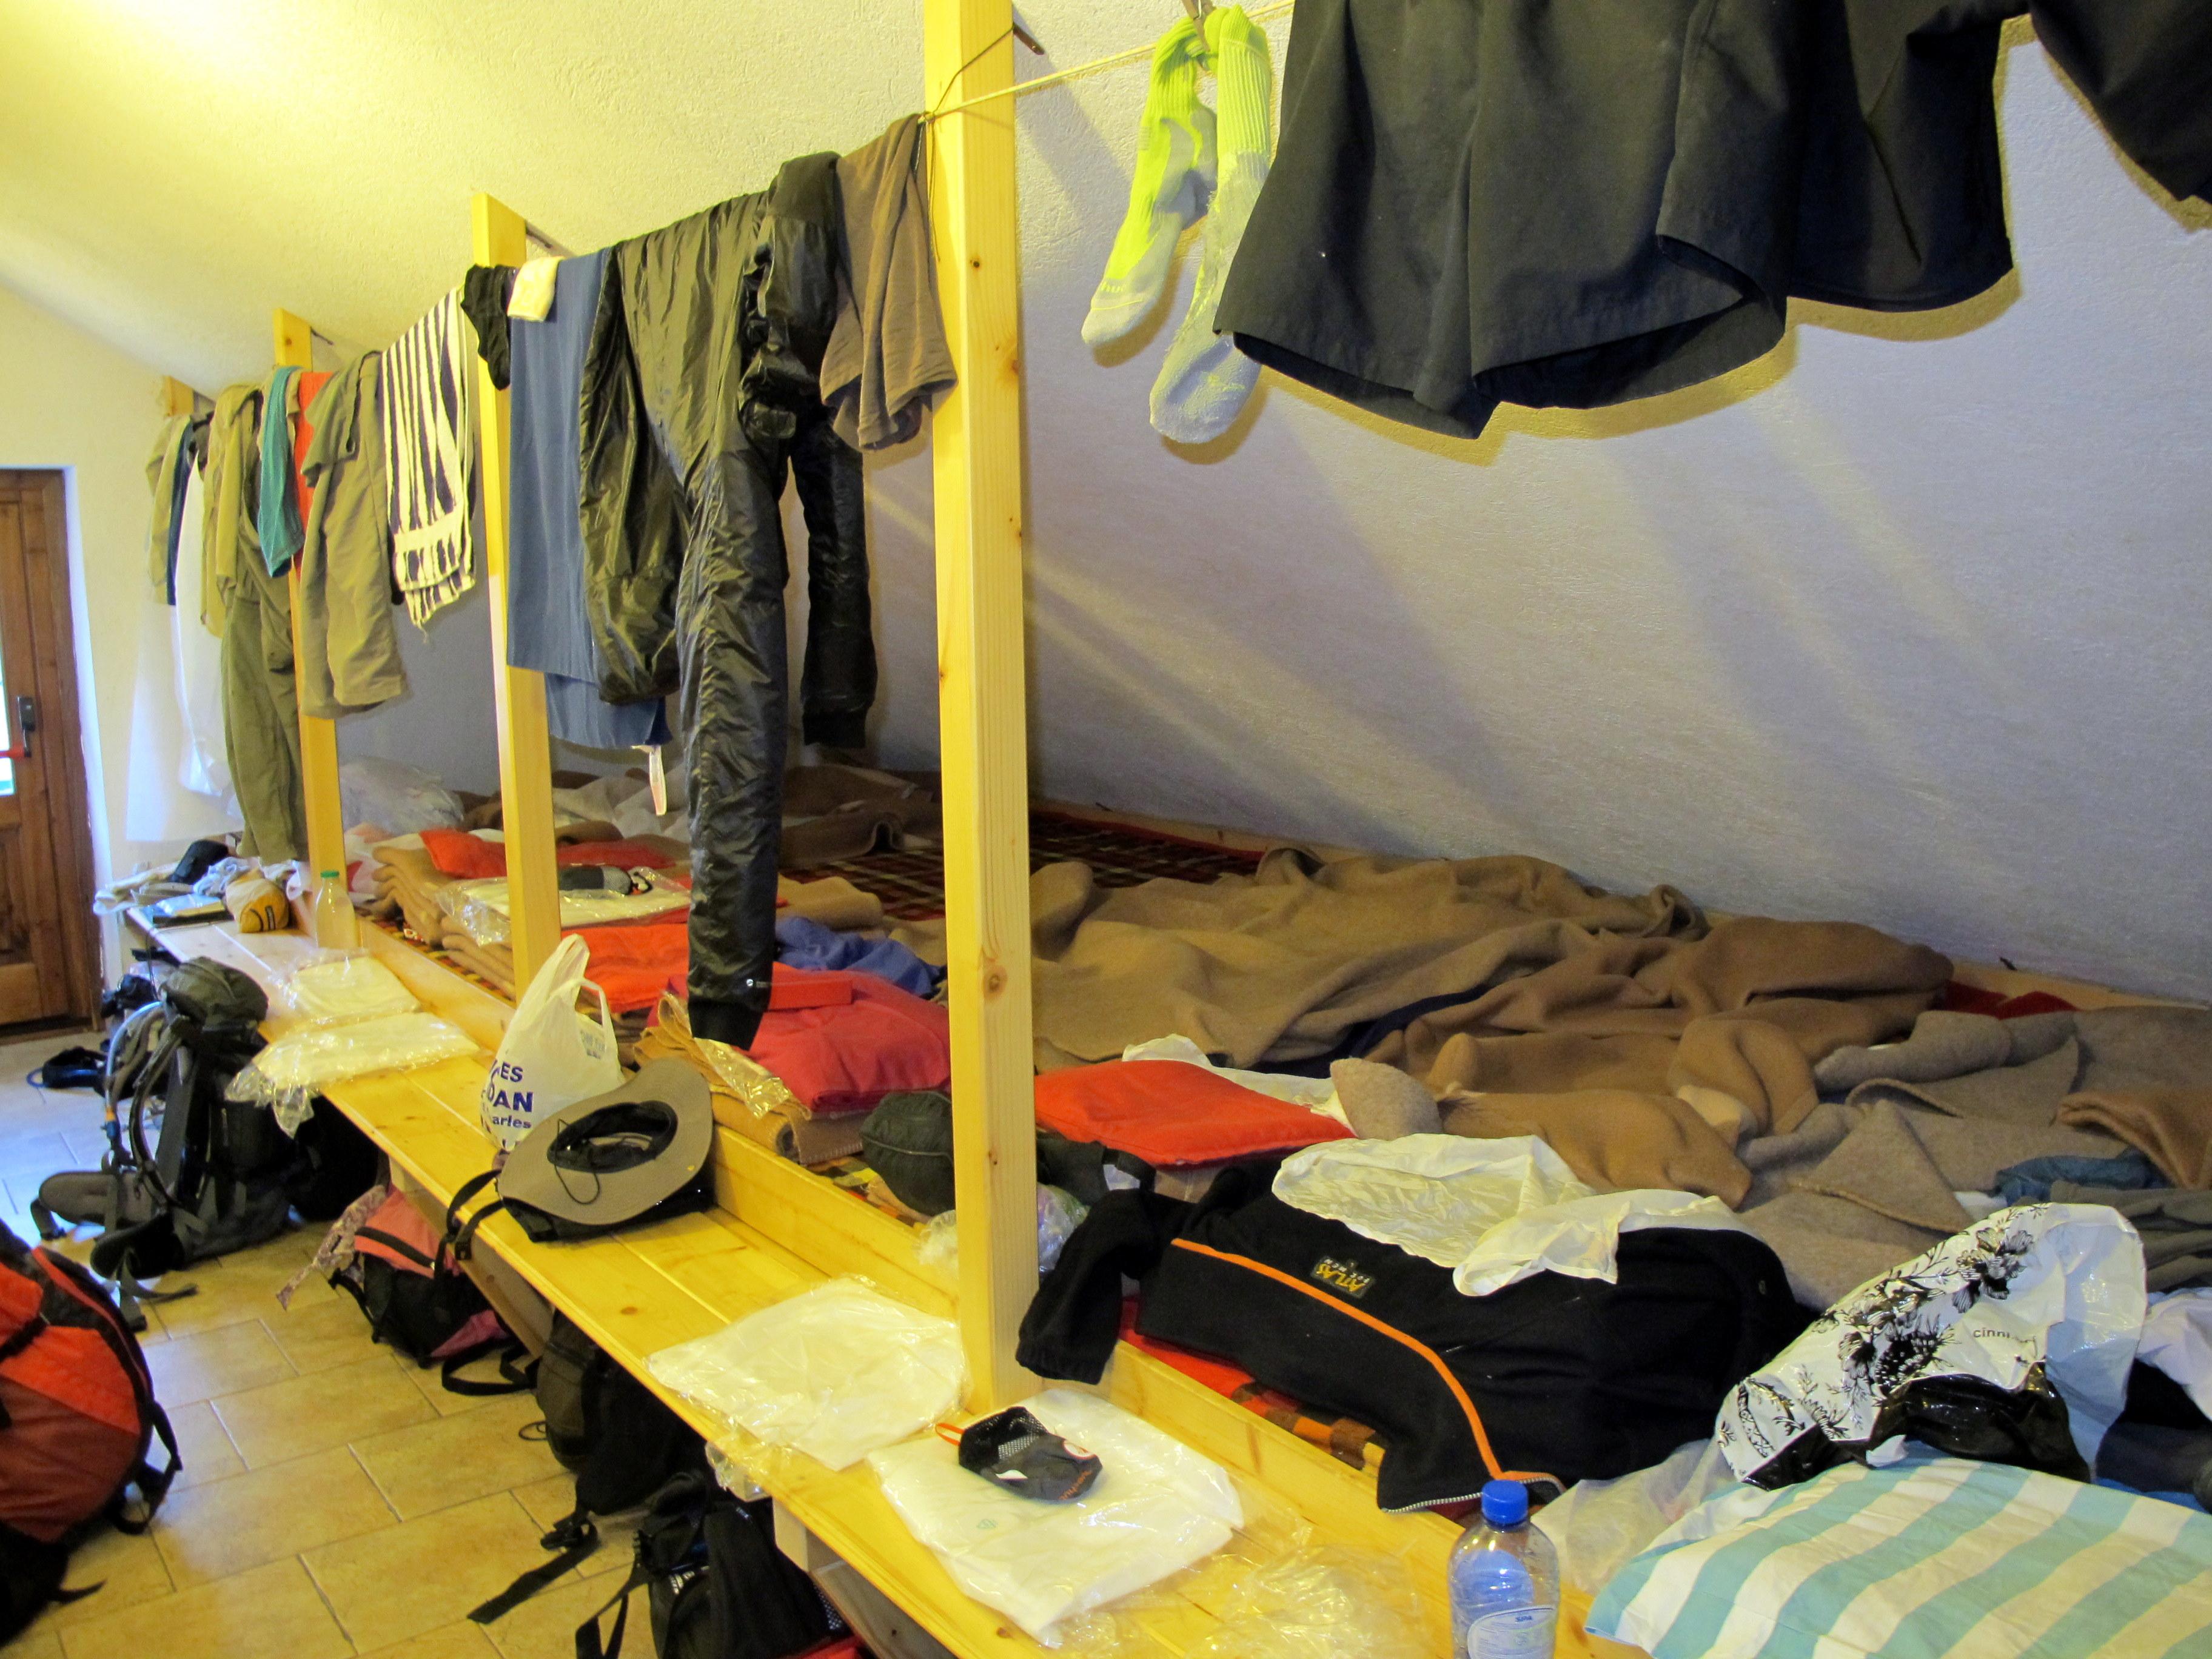 Студенческий хостел. Искать интернет здесь бесполезно, как и спокойный сон. Фото: stackingpennies.files.wordpress.com